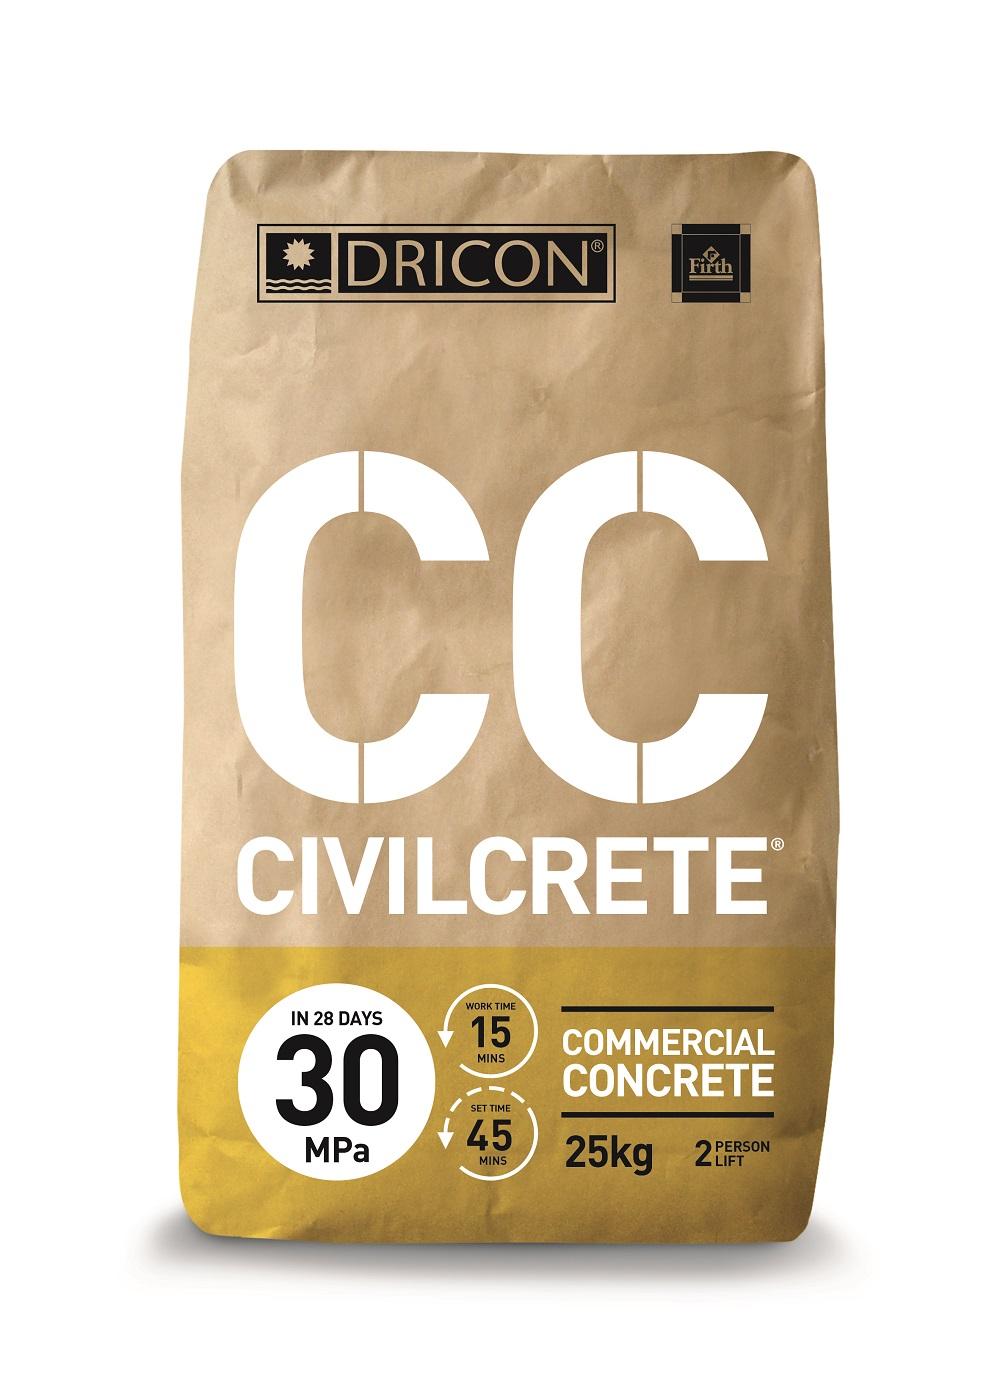 CivilCrete